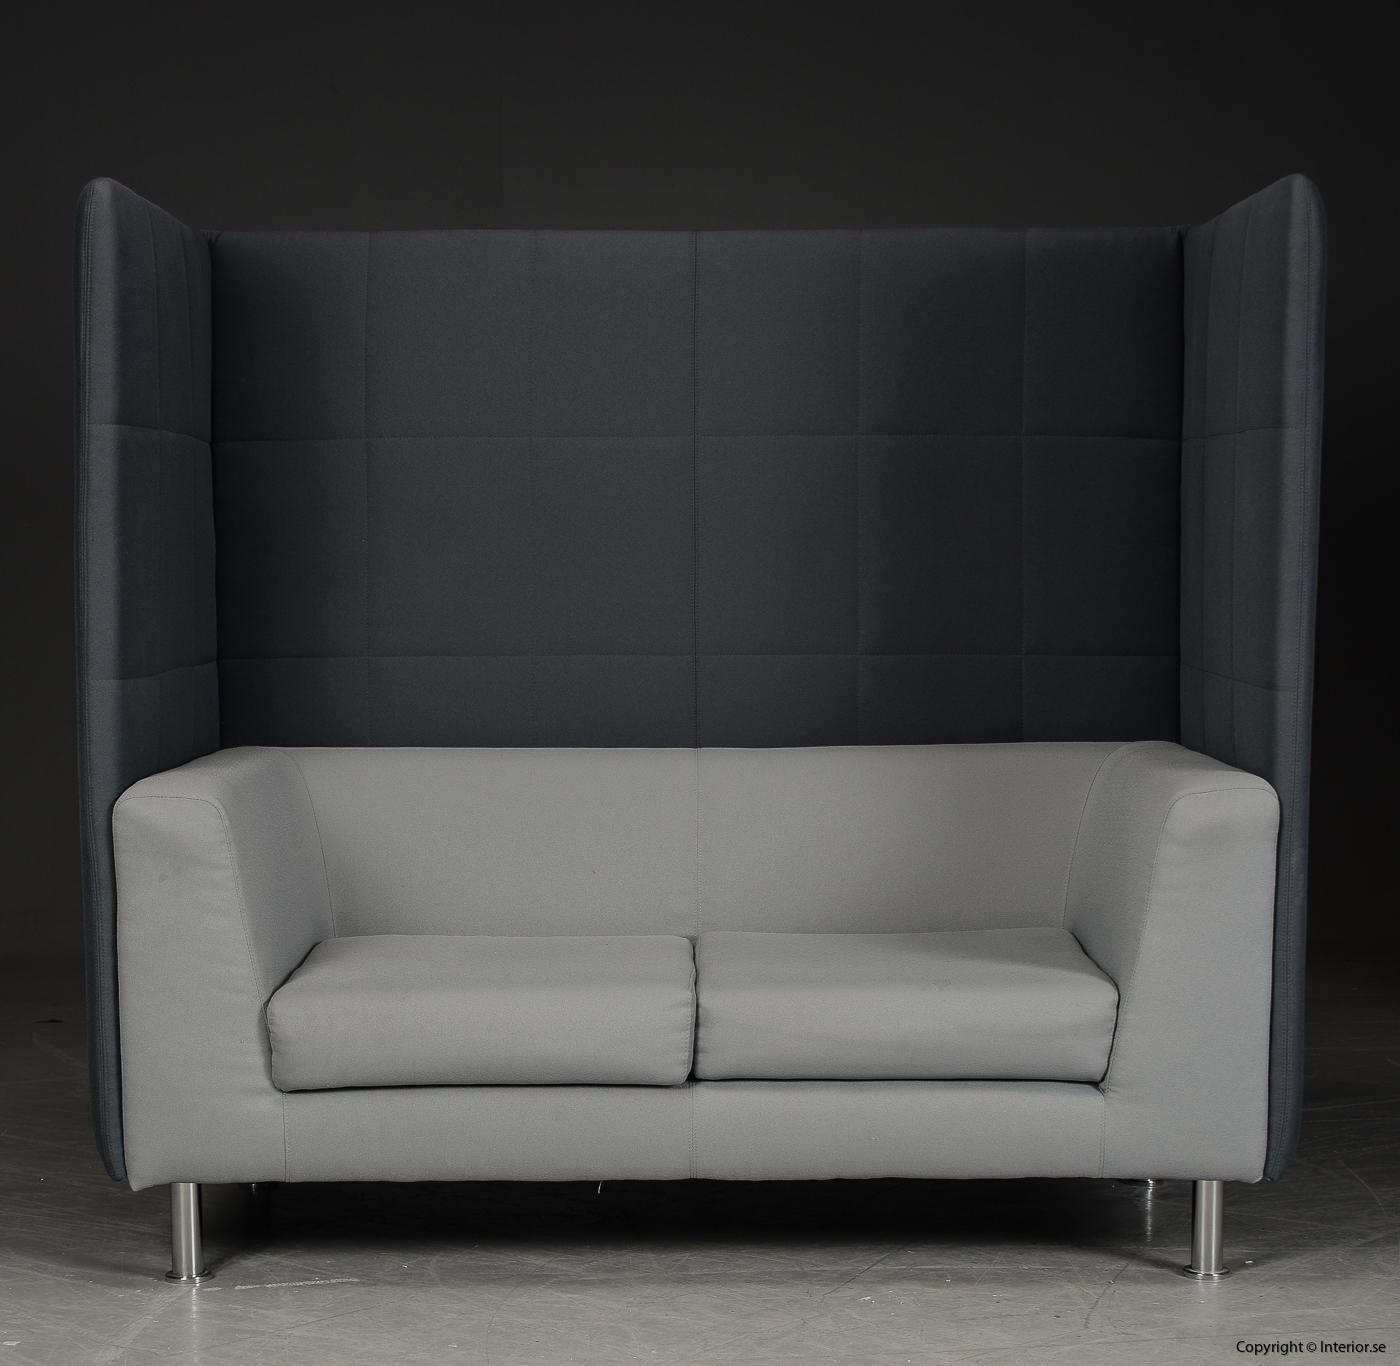 Soffa med högt ryggstöd, Holmris Free Air 2 High Straight modern design 5